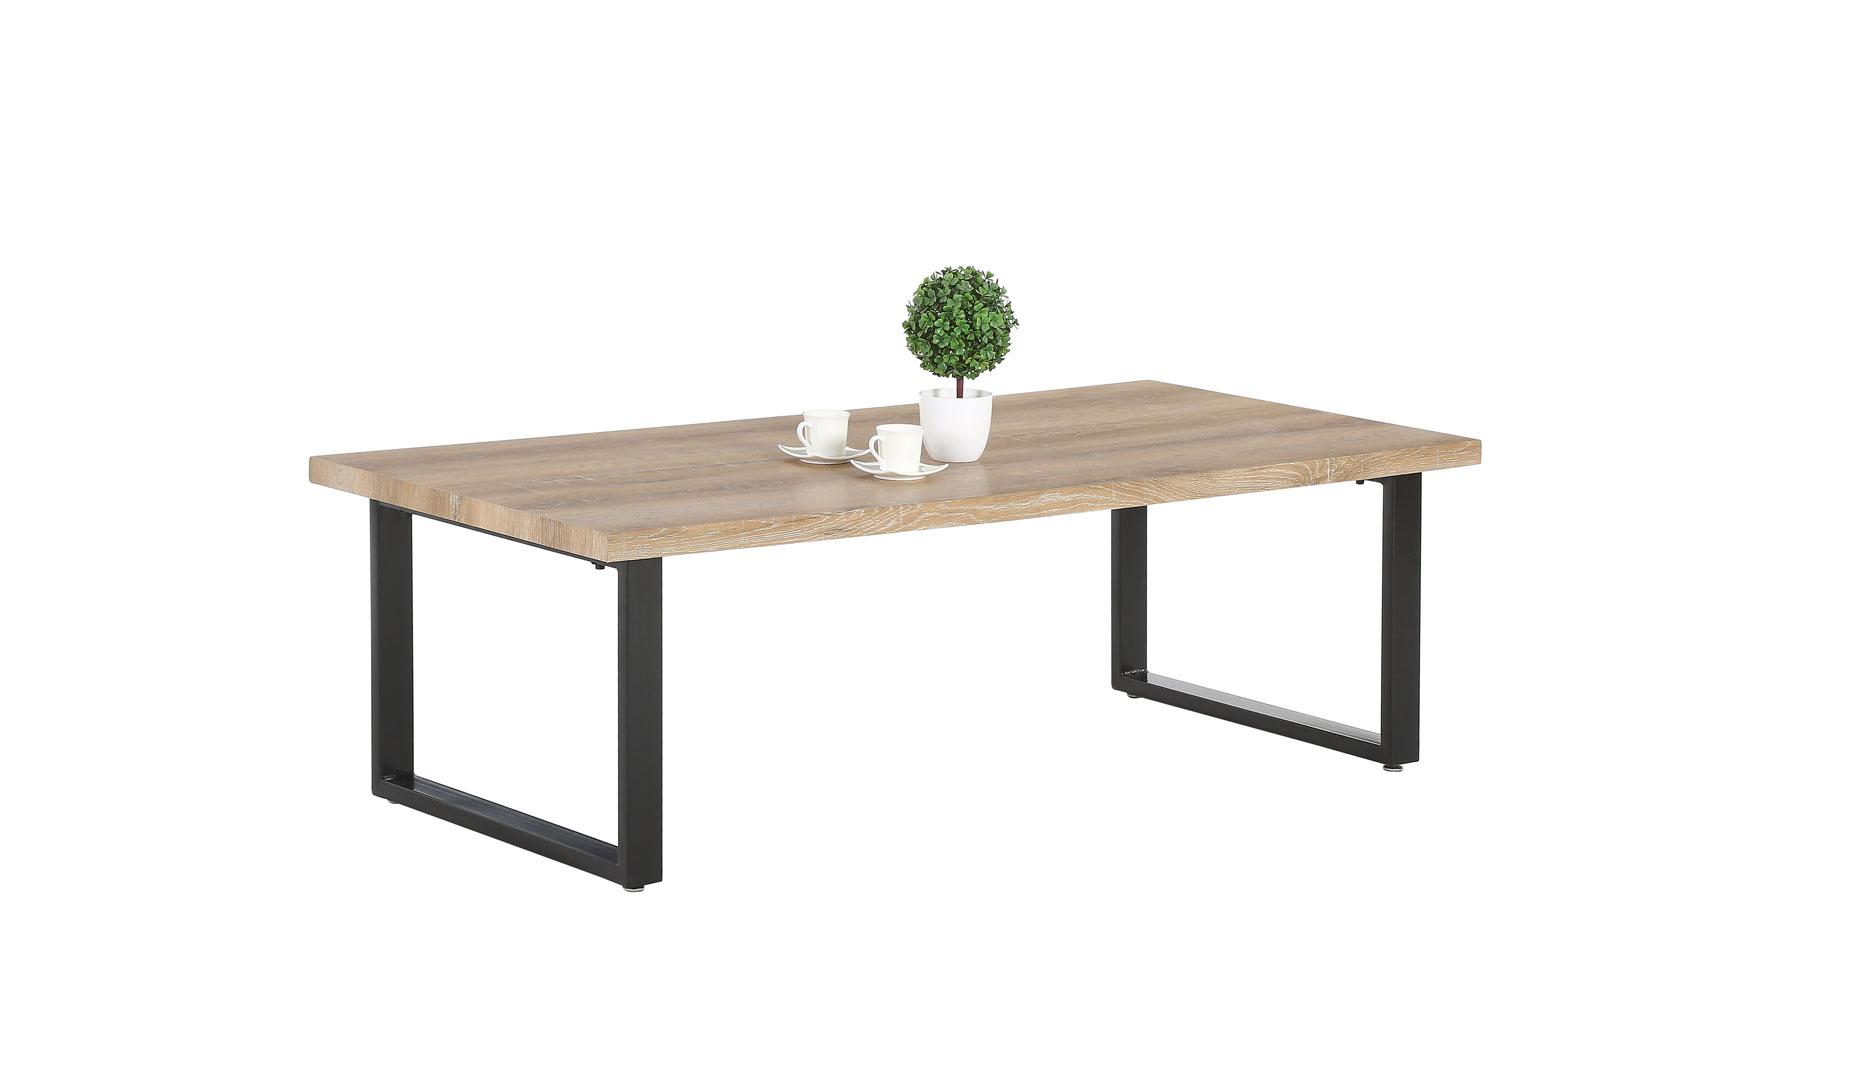 Table Basse Design Rectangulaire Métal Et Bois Coloris Chênenoir